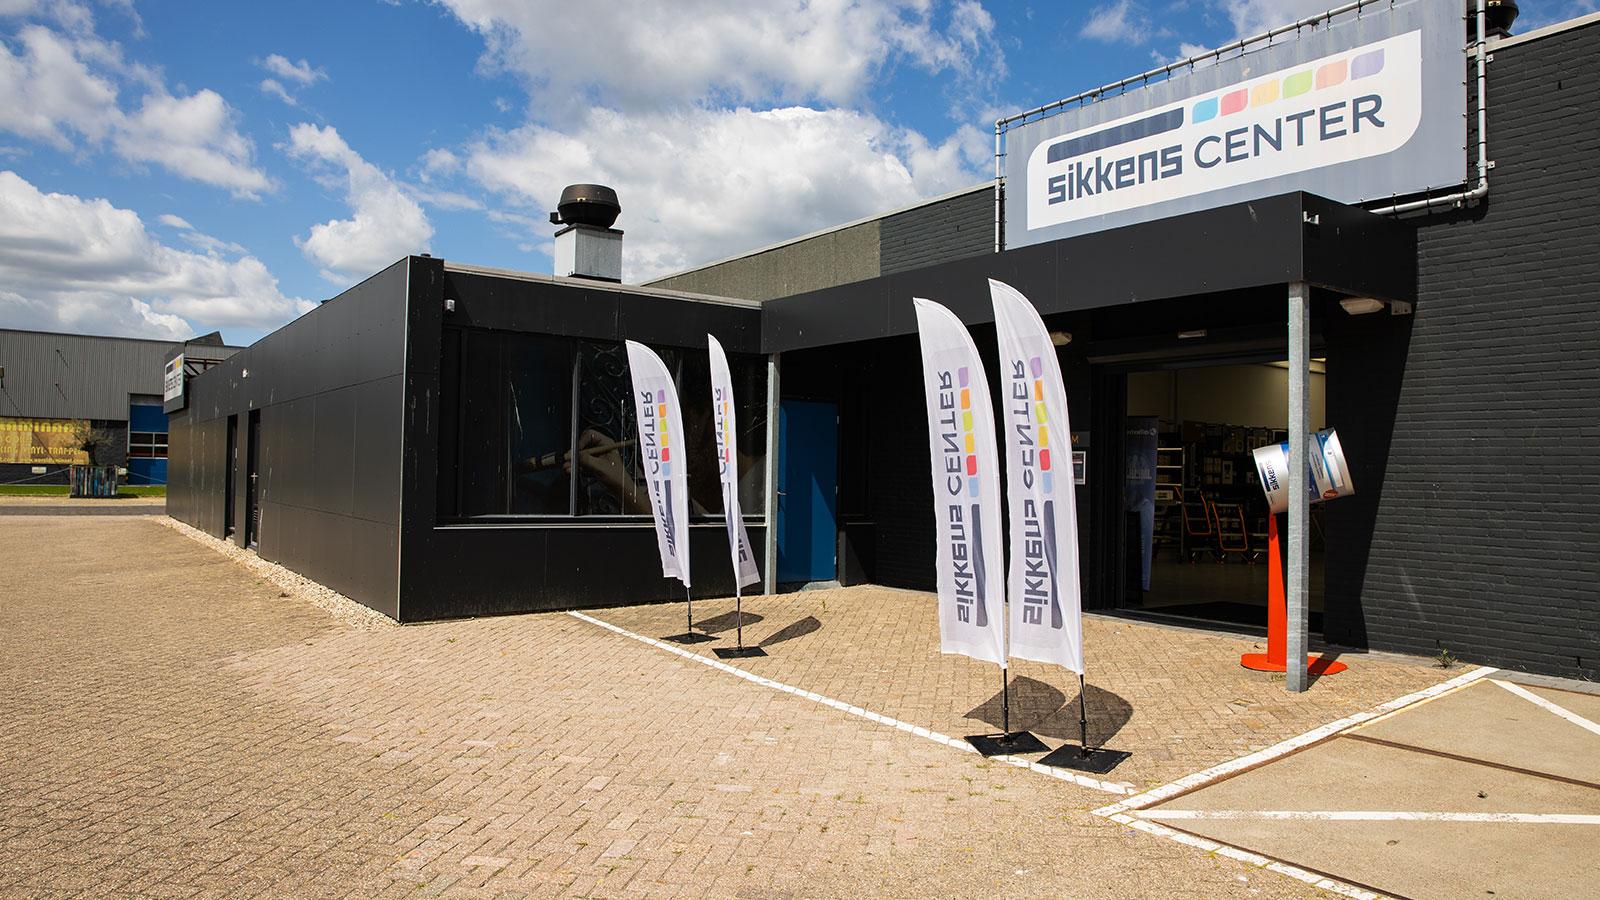 uploads/images/3d97fea1-97bc-4c1b-857d-824a05651f10/Stores/Sikkens-Center-Arnhem.jpg